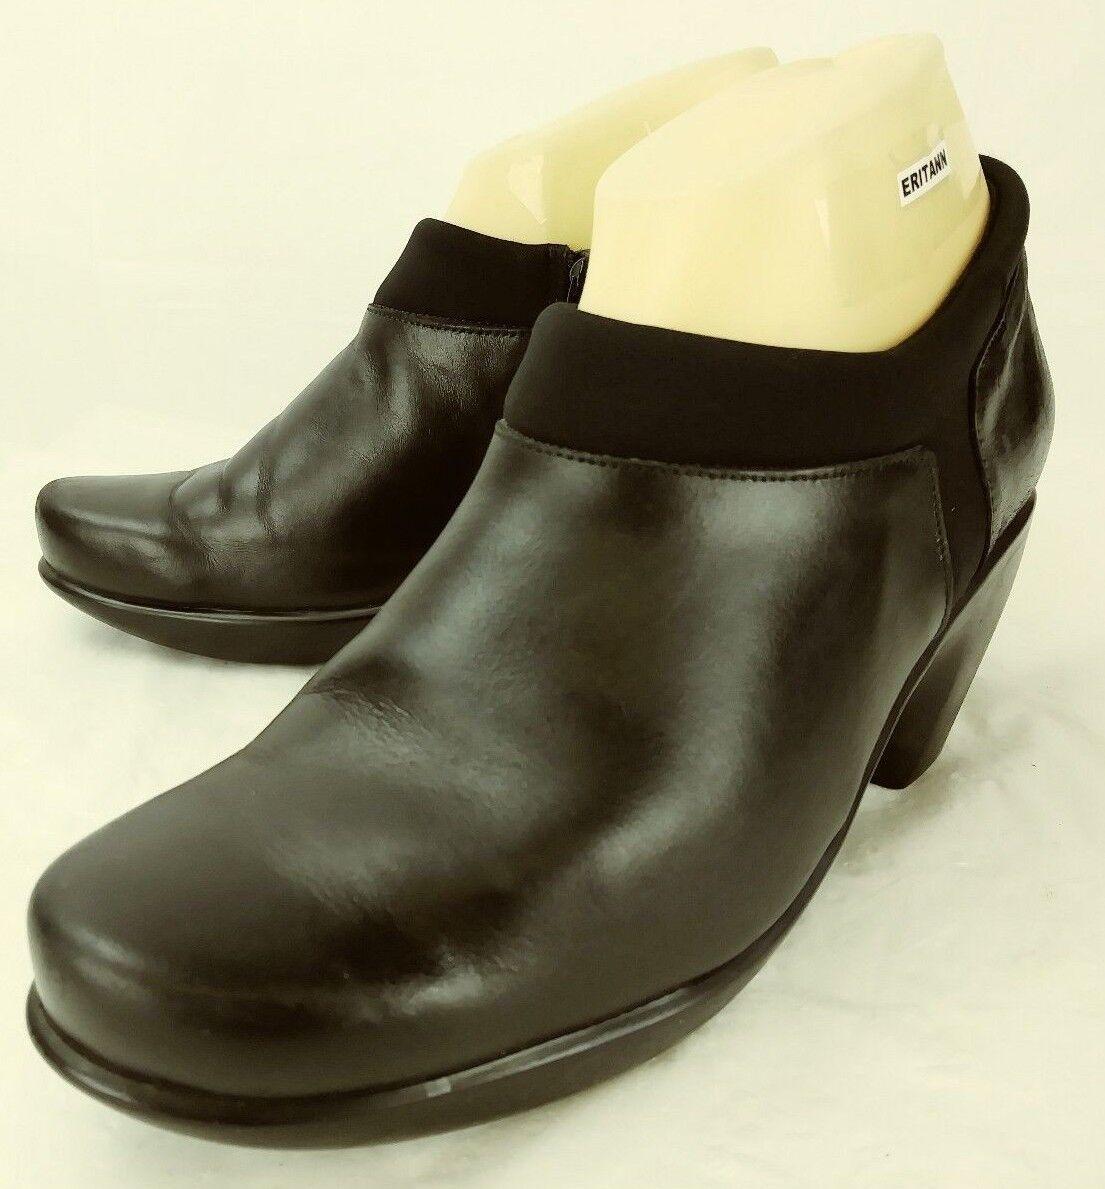 Naot donna scarpe US 7 EU 38 nero Leather Textile Textile Textile Zip Clogs Heels Shooties 5161 f9260a